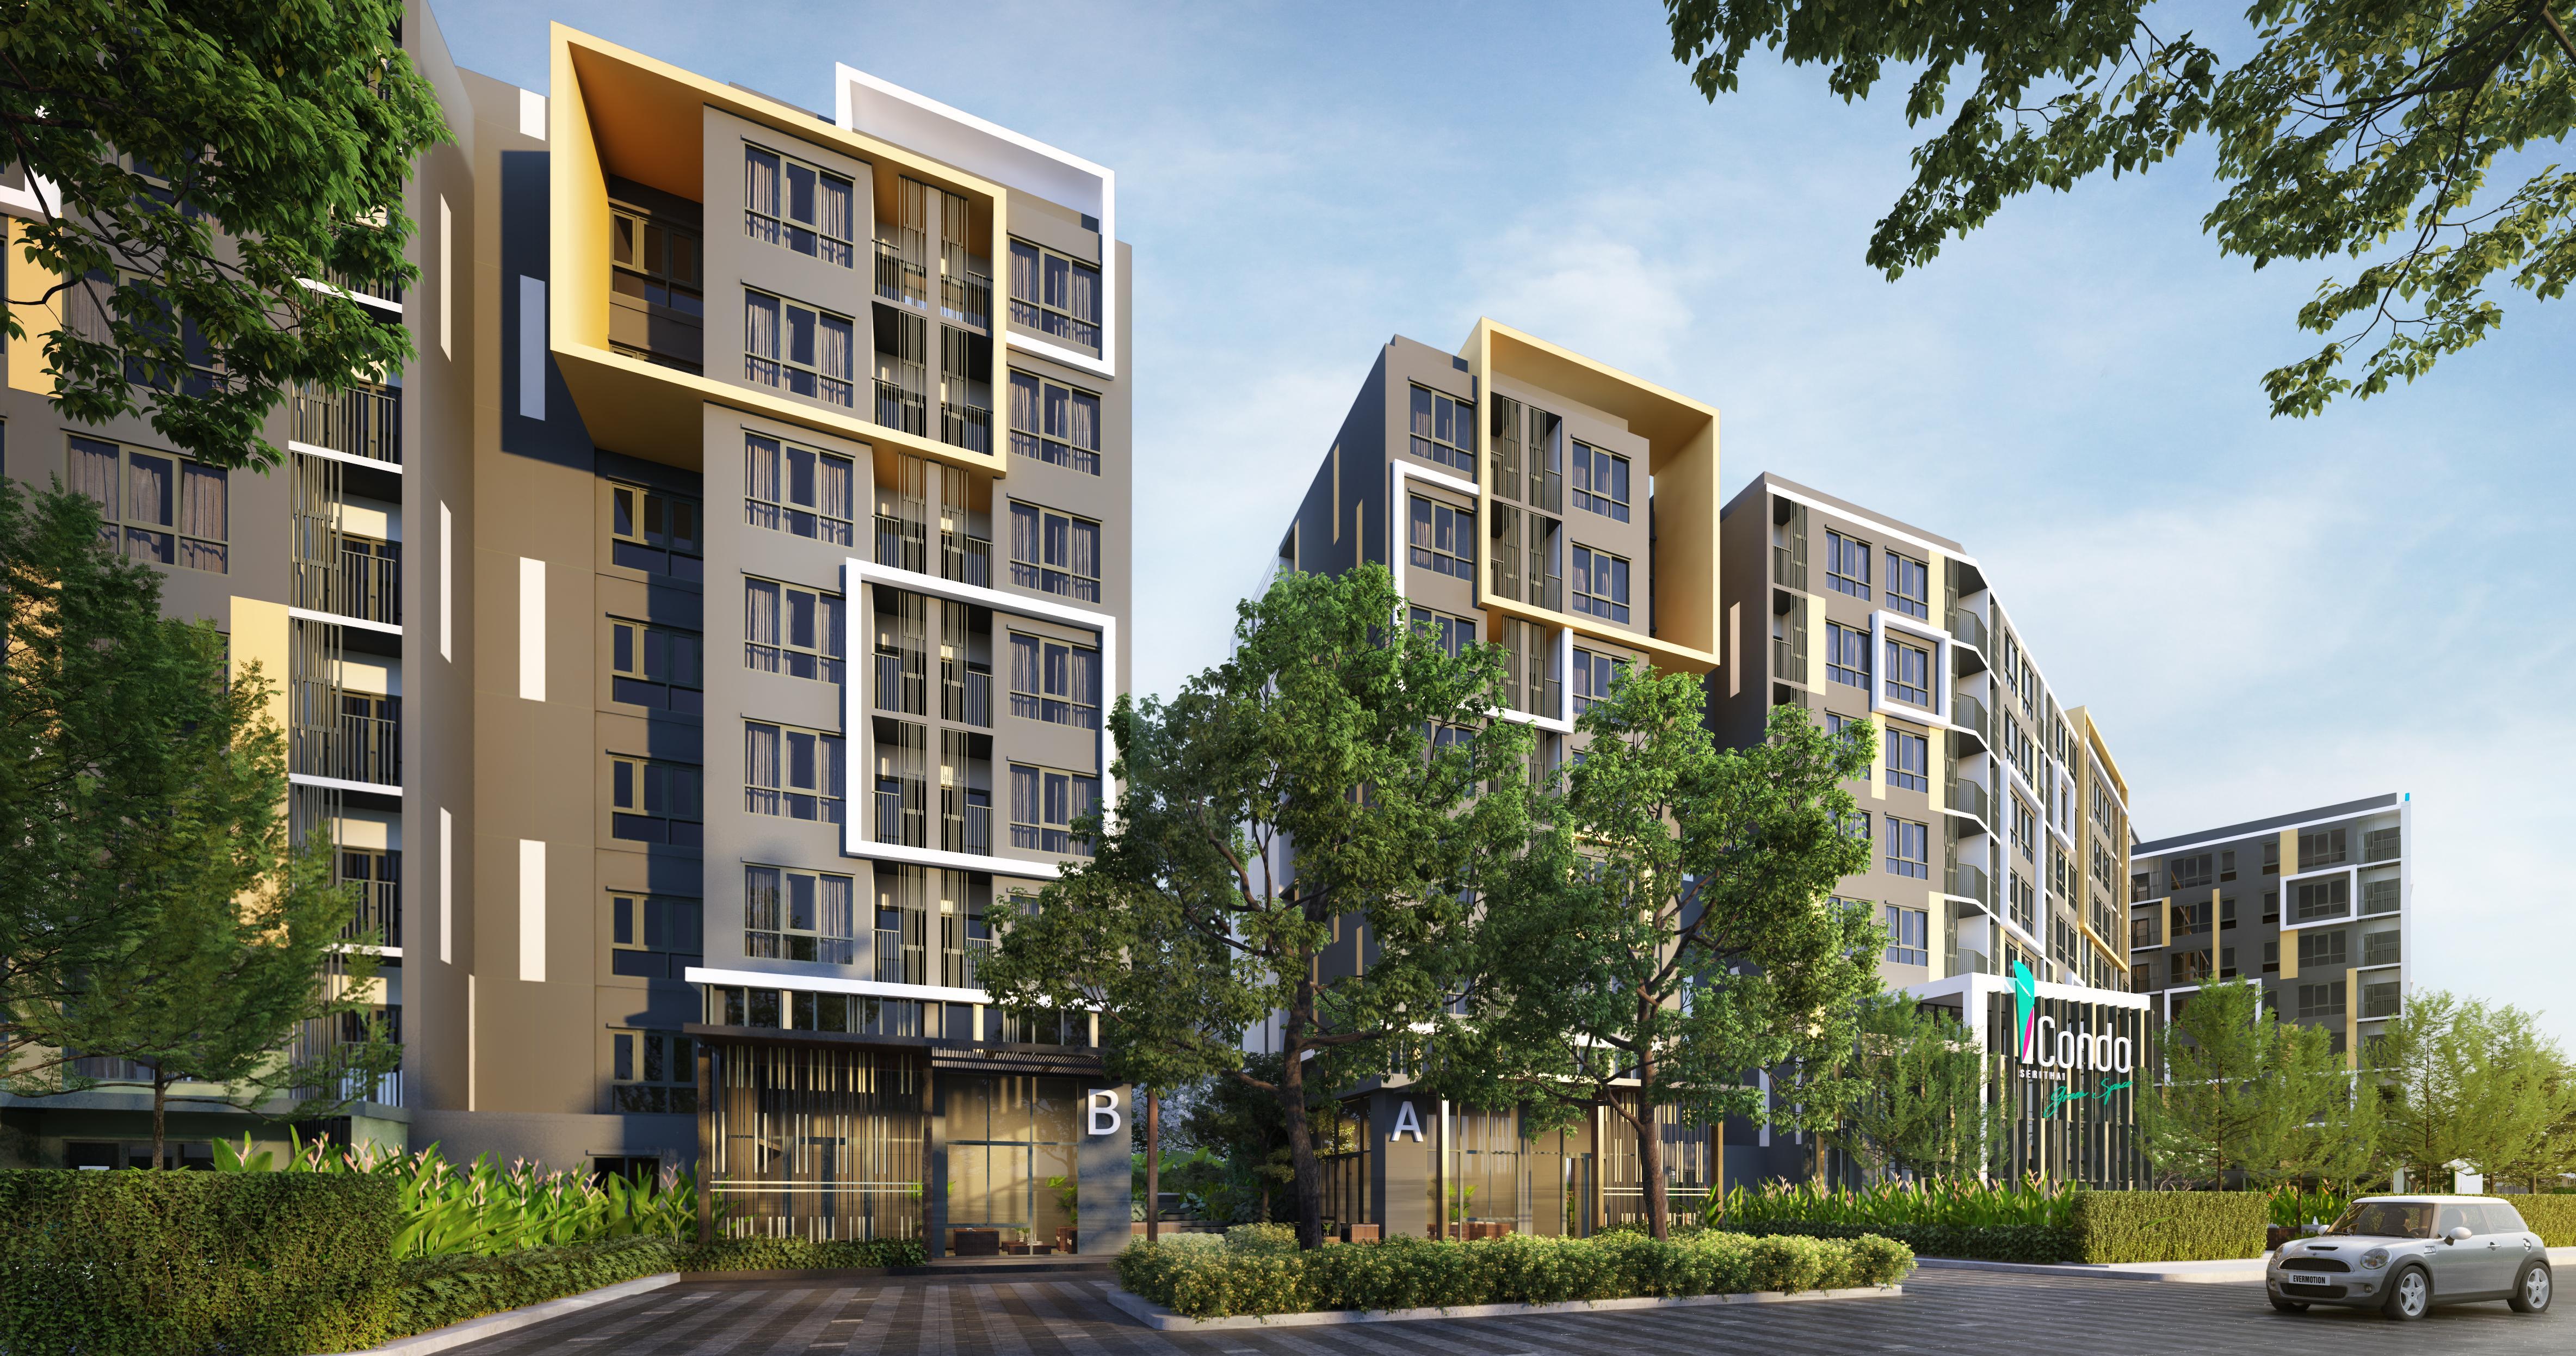 รูปหน้าปก  'iCondo Green Space Serithai' ที่อยู่อาศัยออกแบบเพื่อเติมพลังชีวิต ด้วยการใกล้ชิดธรรมชาติ